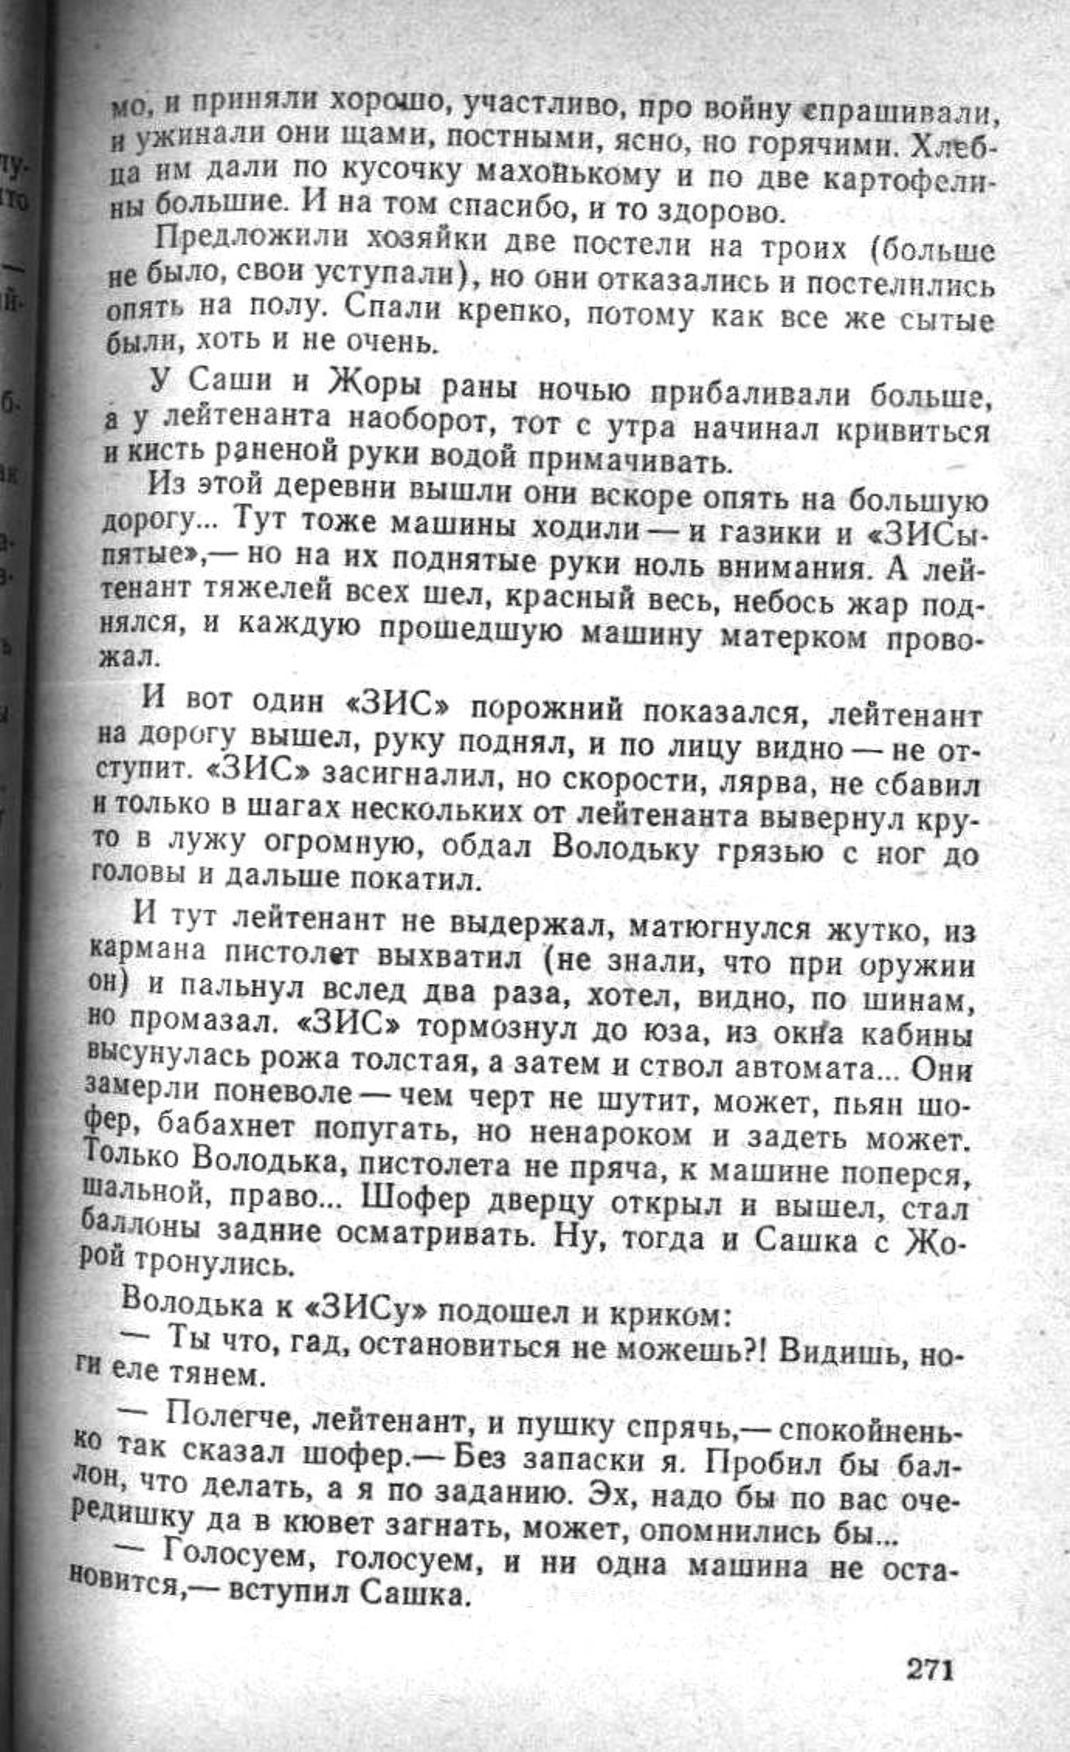 Сашка. Повесть. Вячеслав Кондратьев. 014. 004